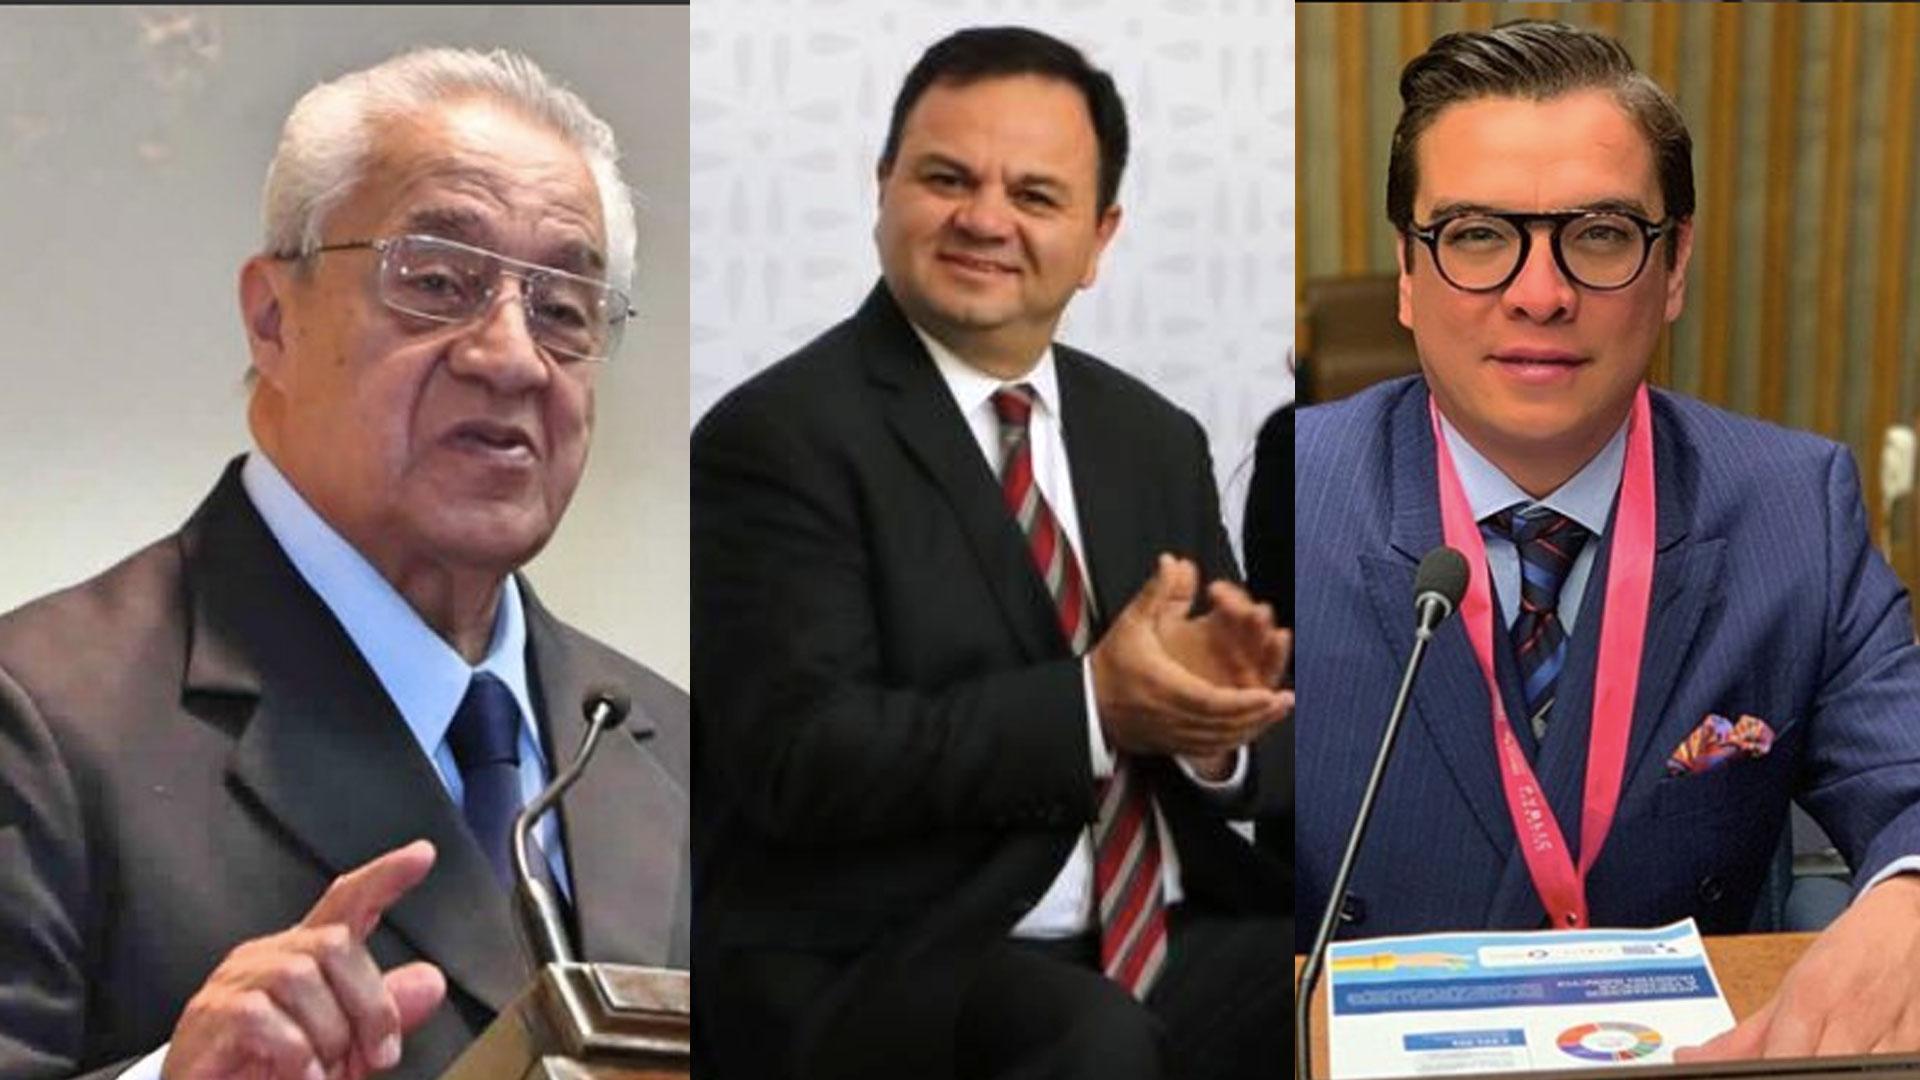 Los tres candidatos para gobernador interino de Puebla (Fotos: Twitter)